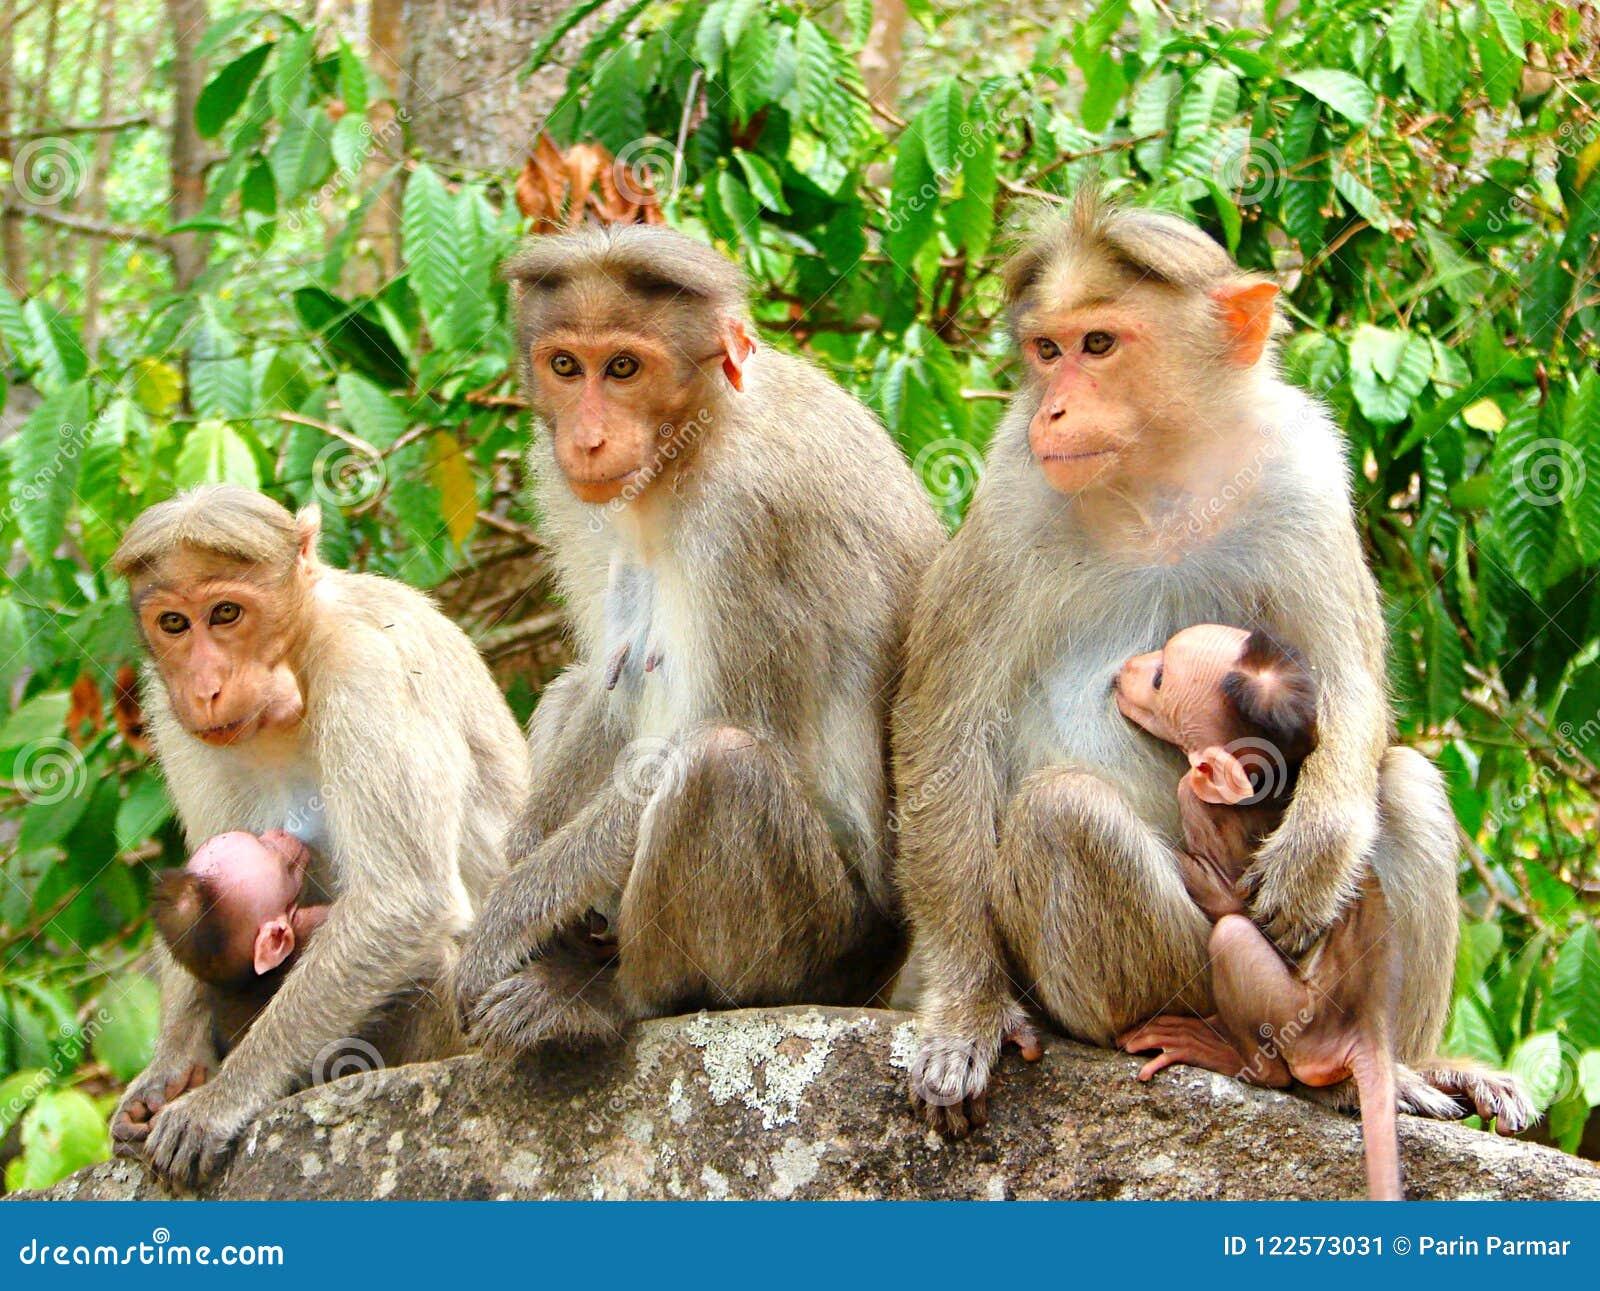 Team Monkey - expressões faciais diferentes - grupo de Macaque do Rhesus - Macaca Mulatta